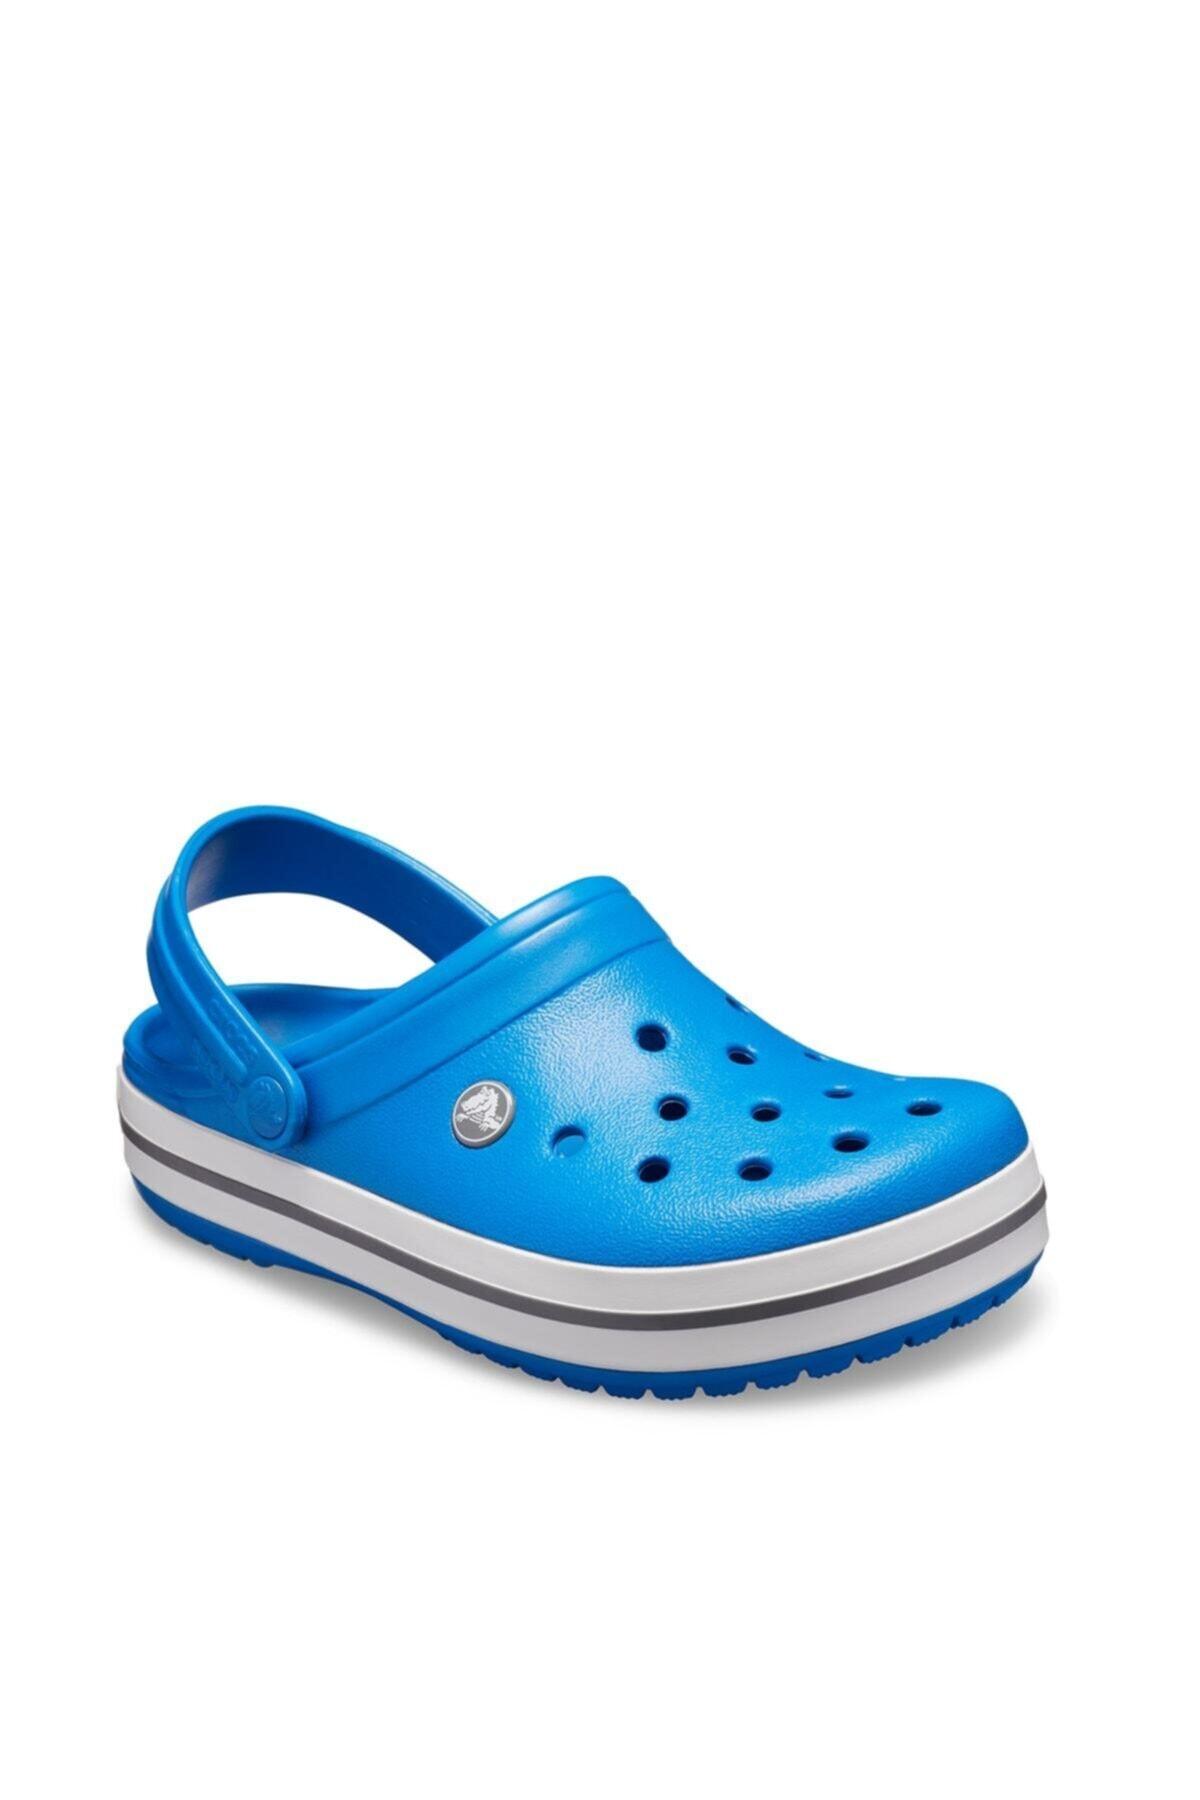 Crocs Mavi Unisex Crocband Kenarı Beyaz Siyah Çizgili Terlik 2